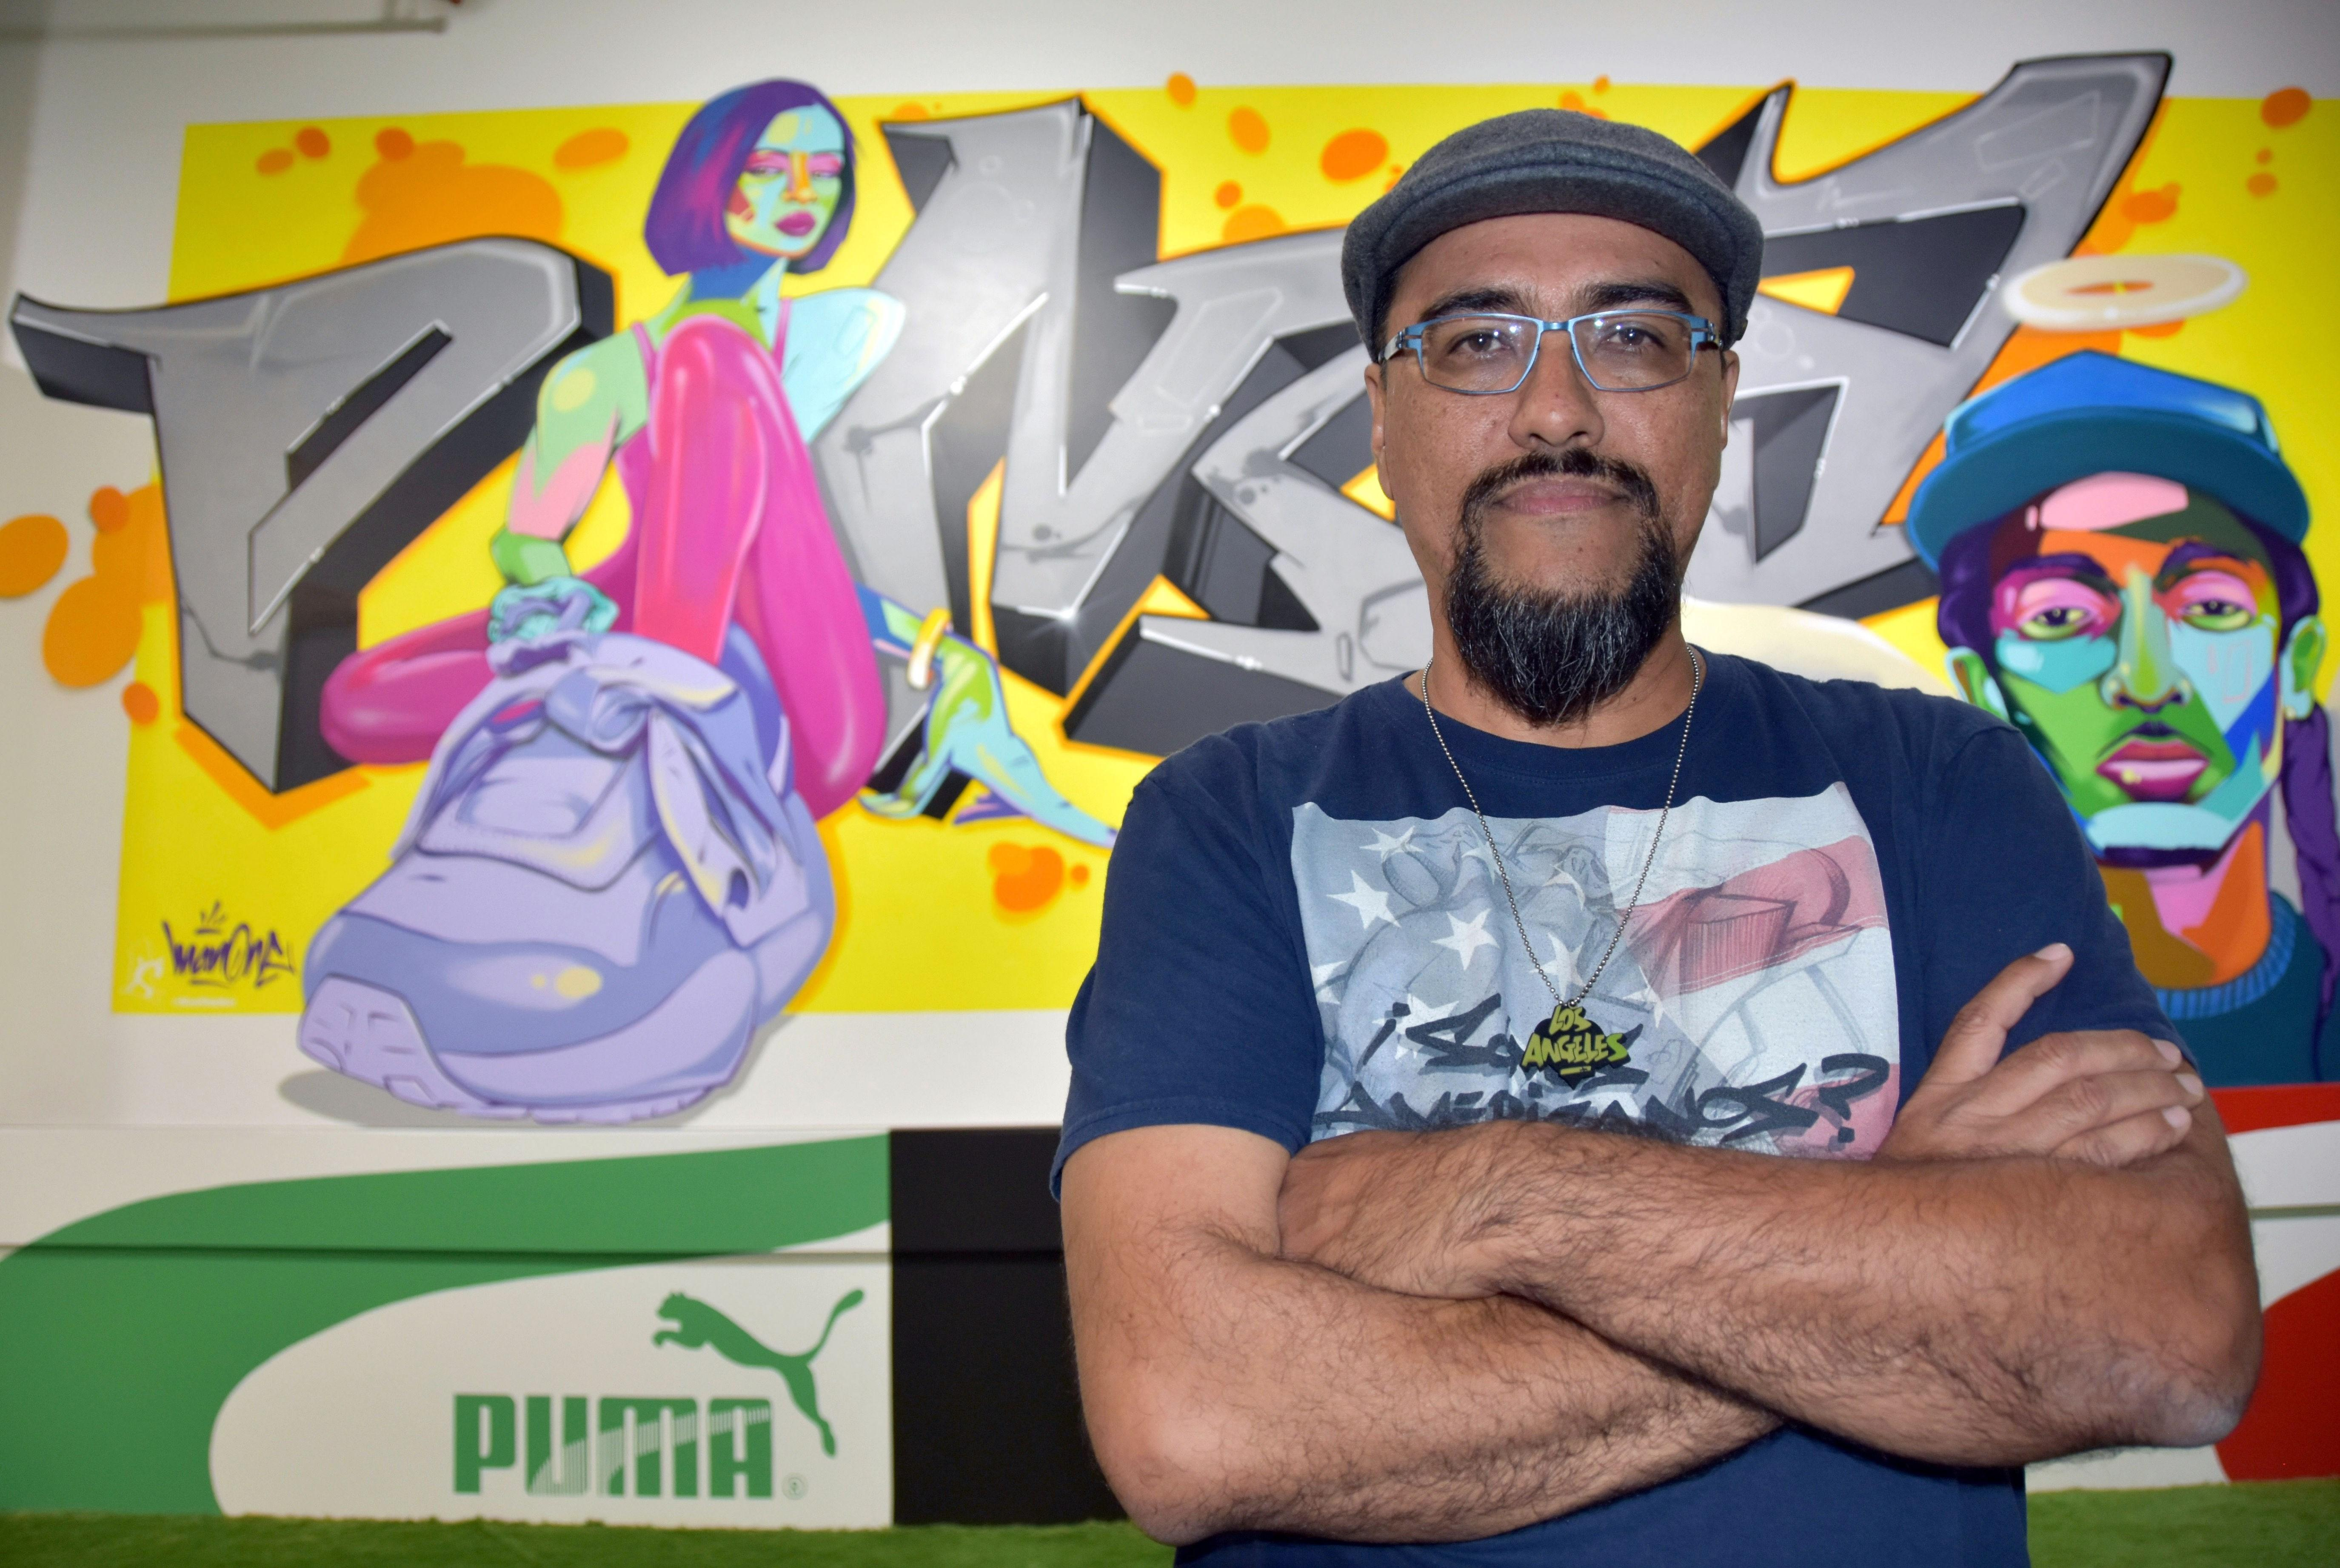 El artista angelino Alejandro Poli Jr. (Man One) es uno de los muralistas de Sneakertopia.